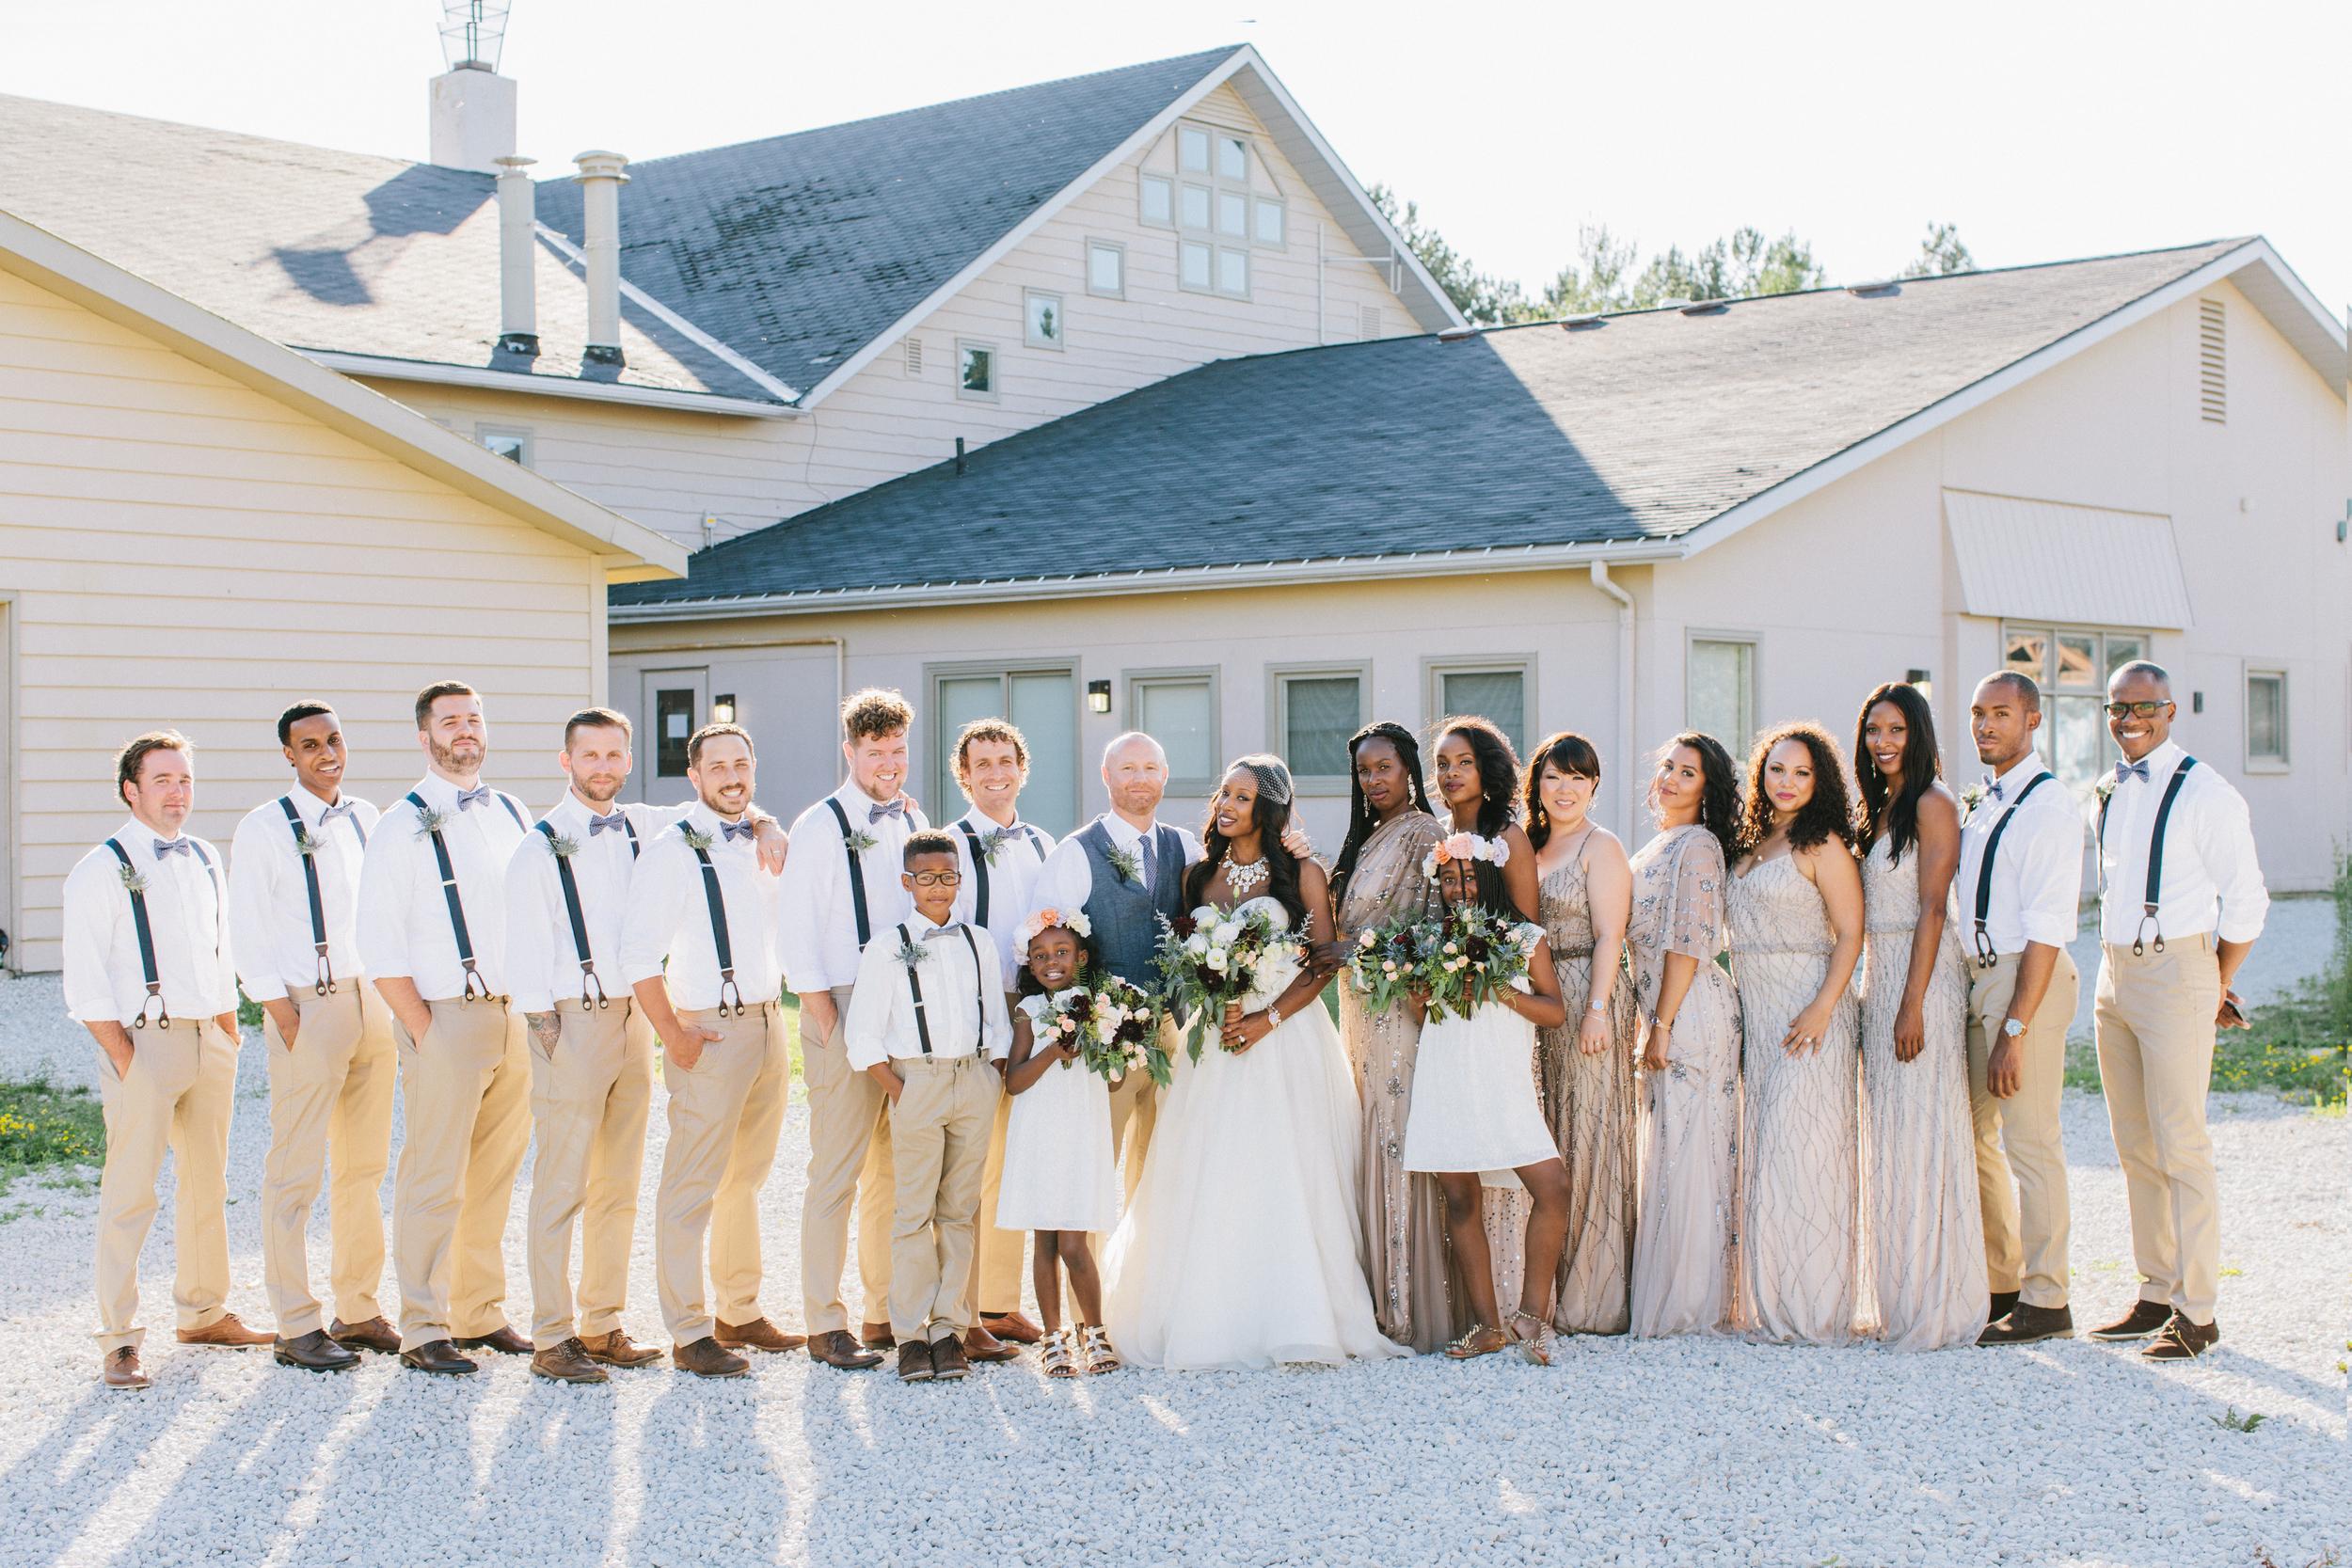 michael-rousseau-photography-shannae-ingleton-wedding-sean-craigleith-ski-club-wedding059.jpg